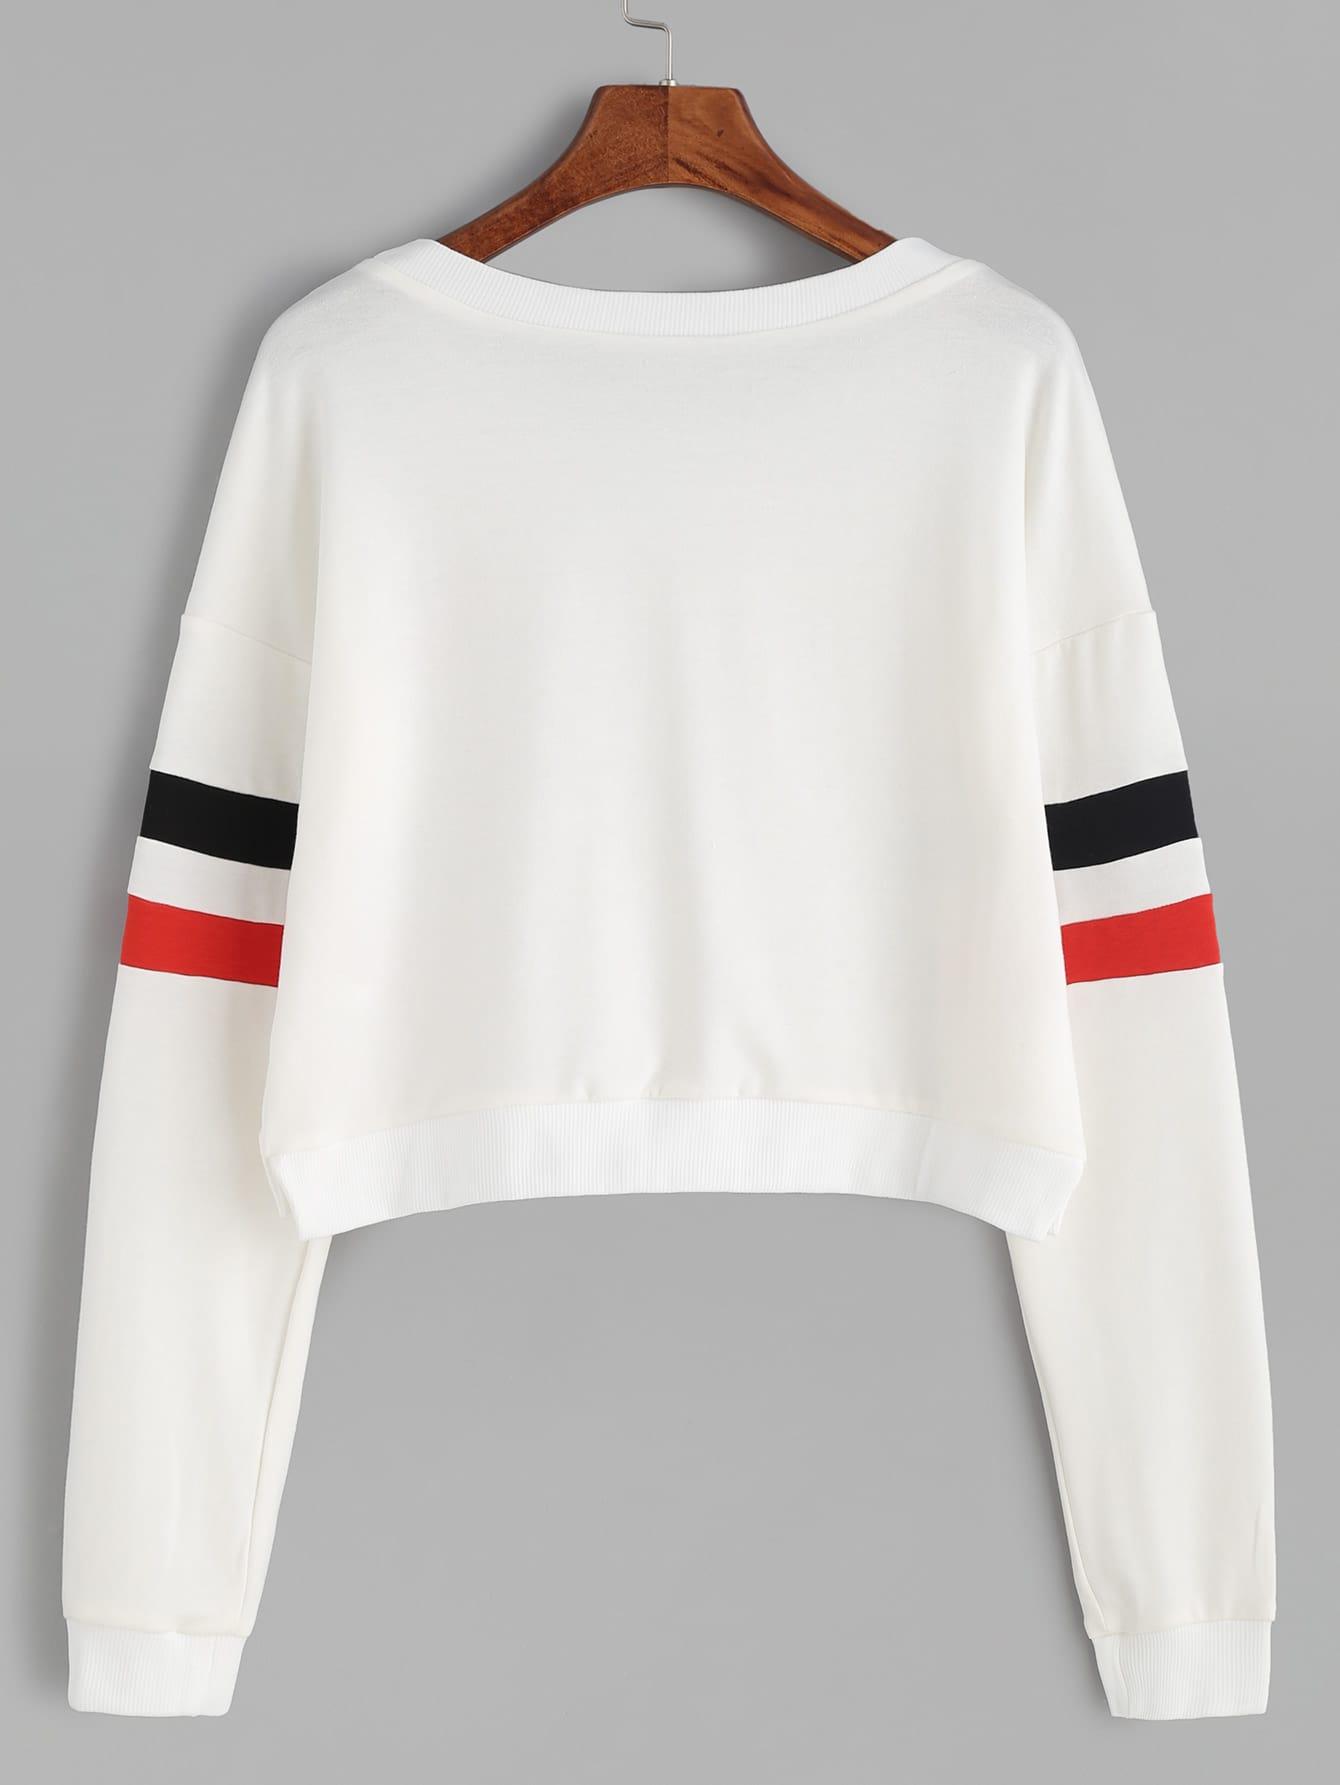 sweatshirt161026102_2